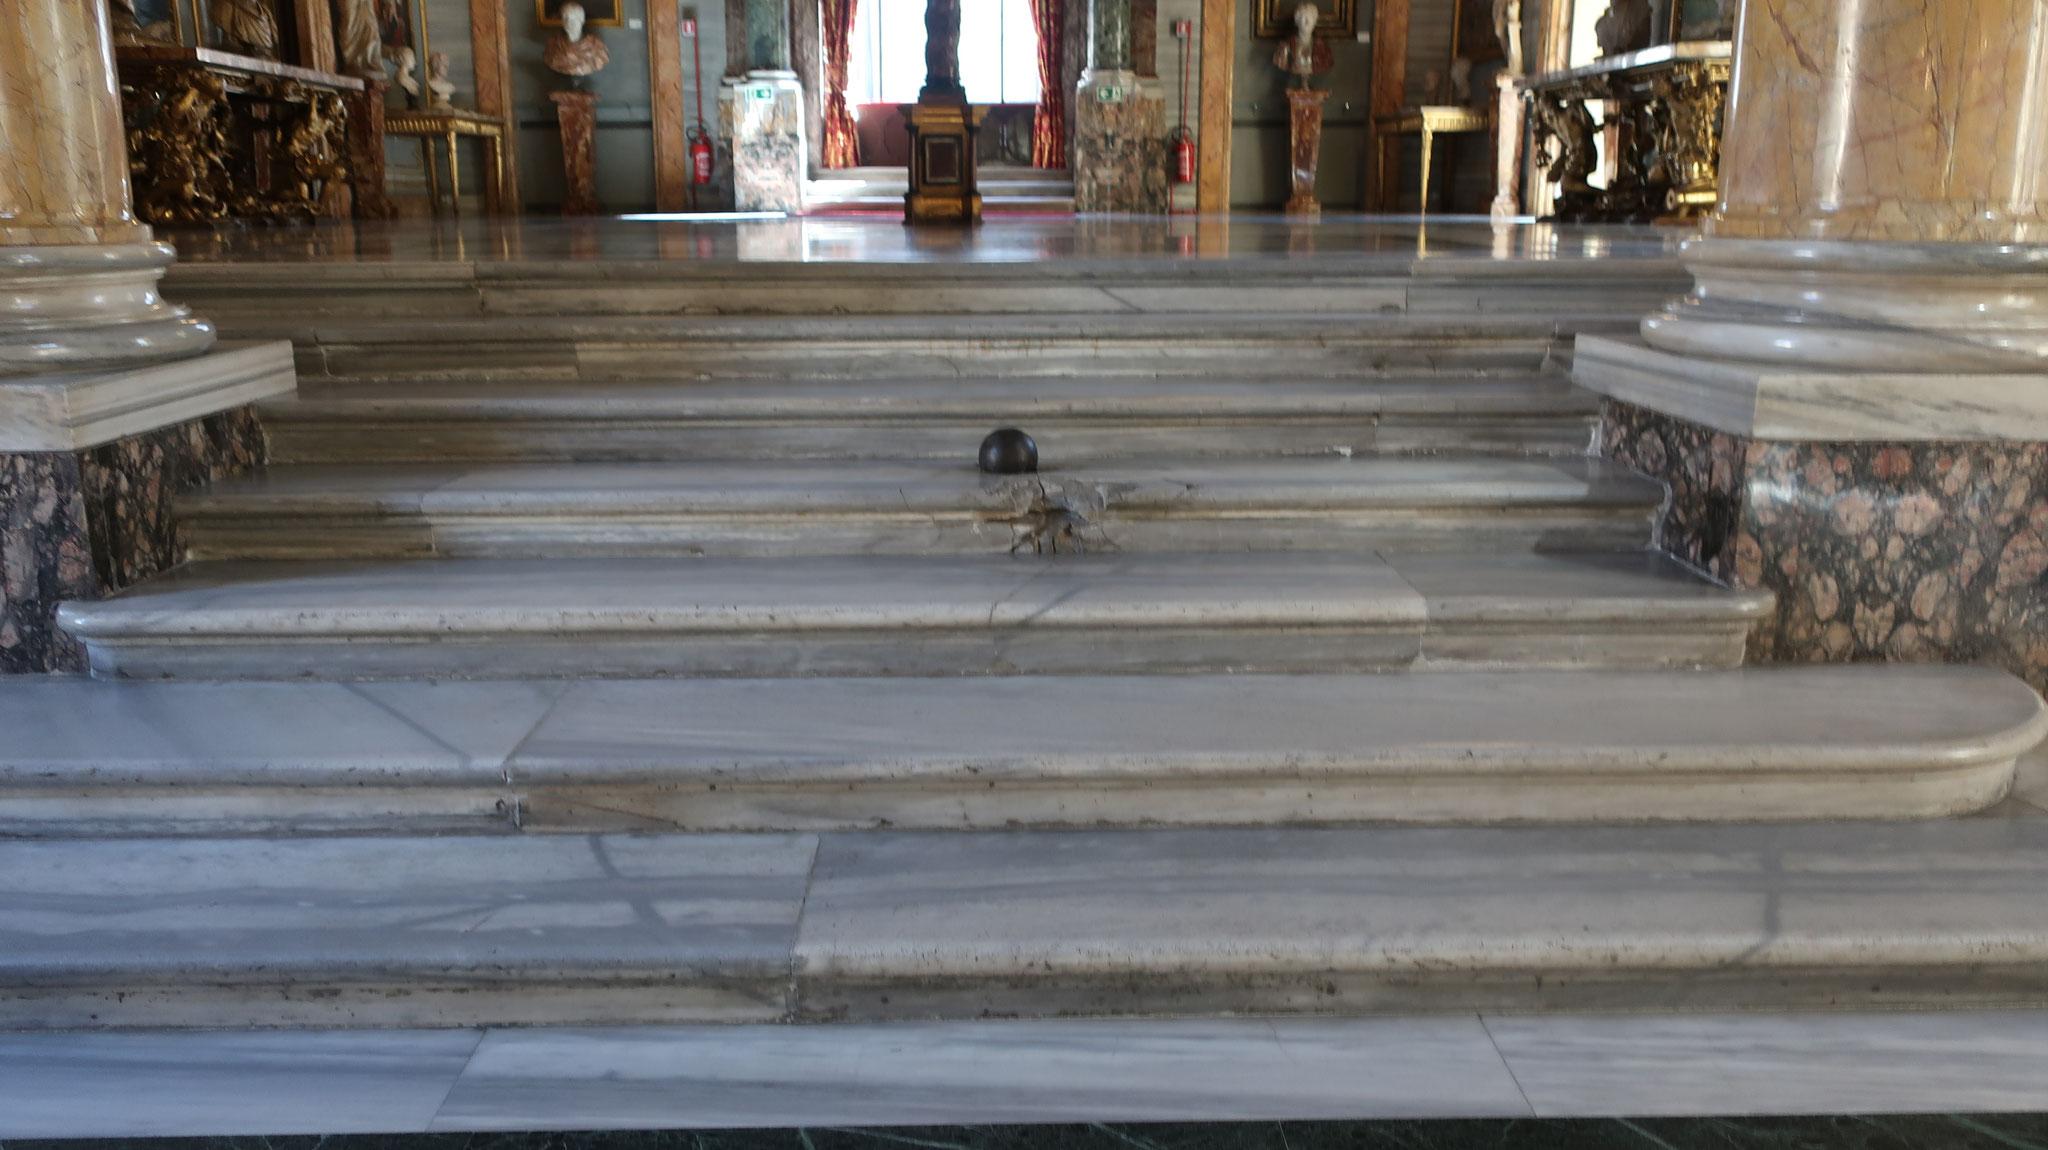 ナポレオン3世(ナポレオンの甥)がローマを侵攻した際、打ち込んだ大砲が宮殿を直撃し、この階段に落ちました。